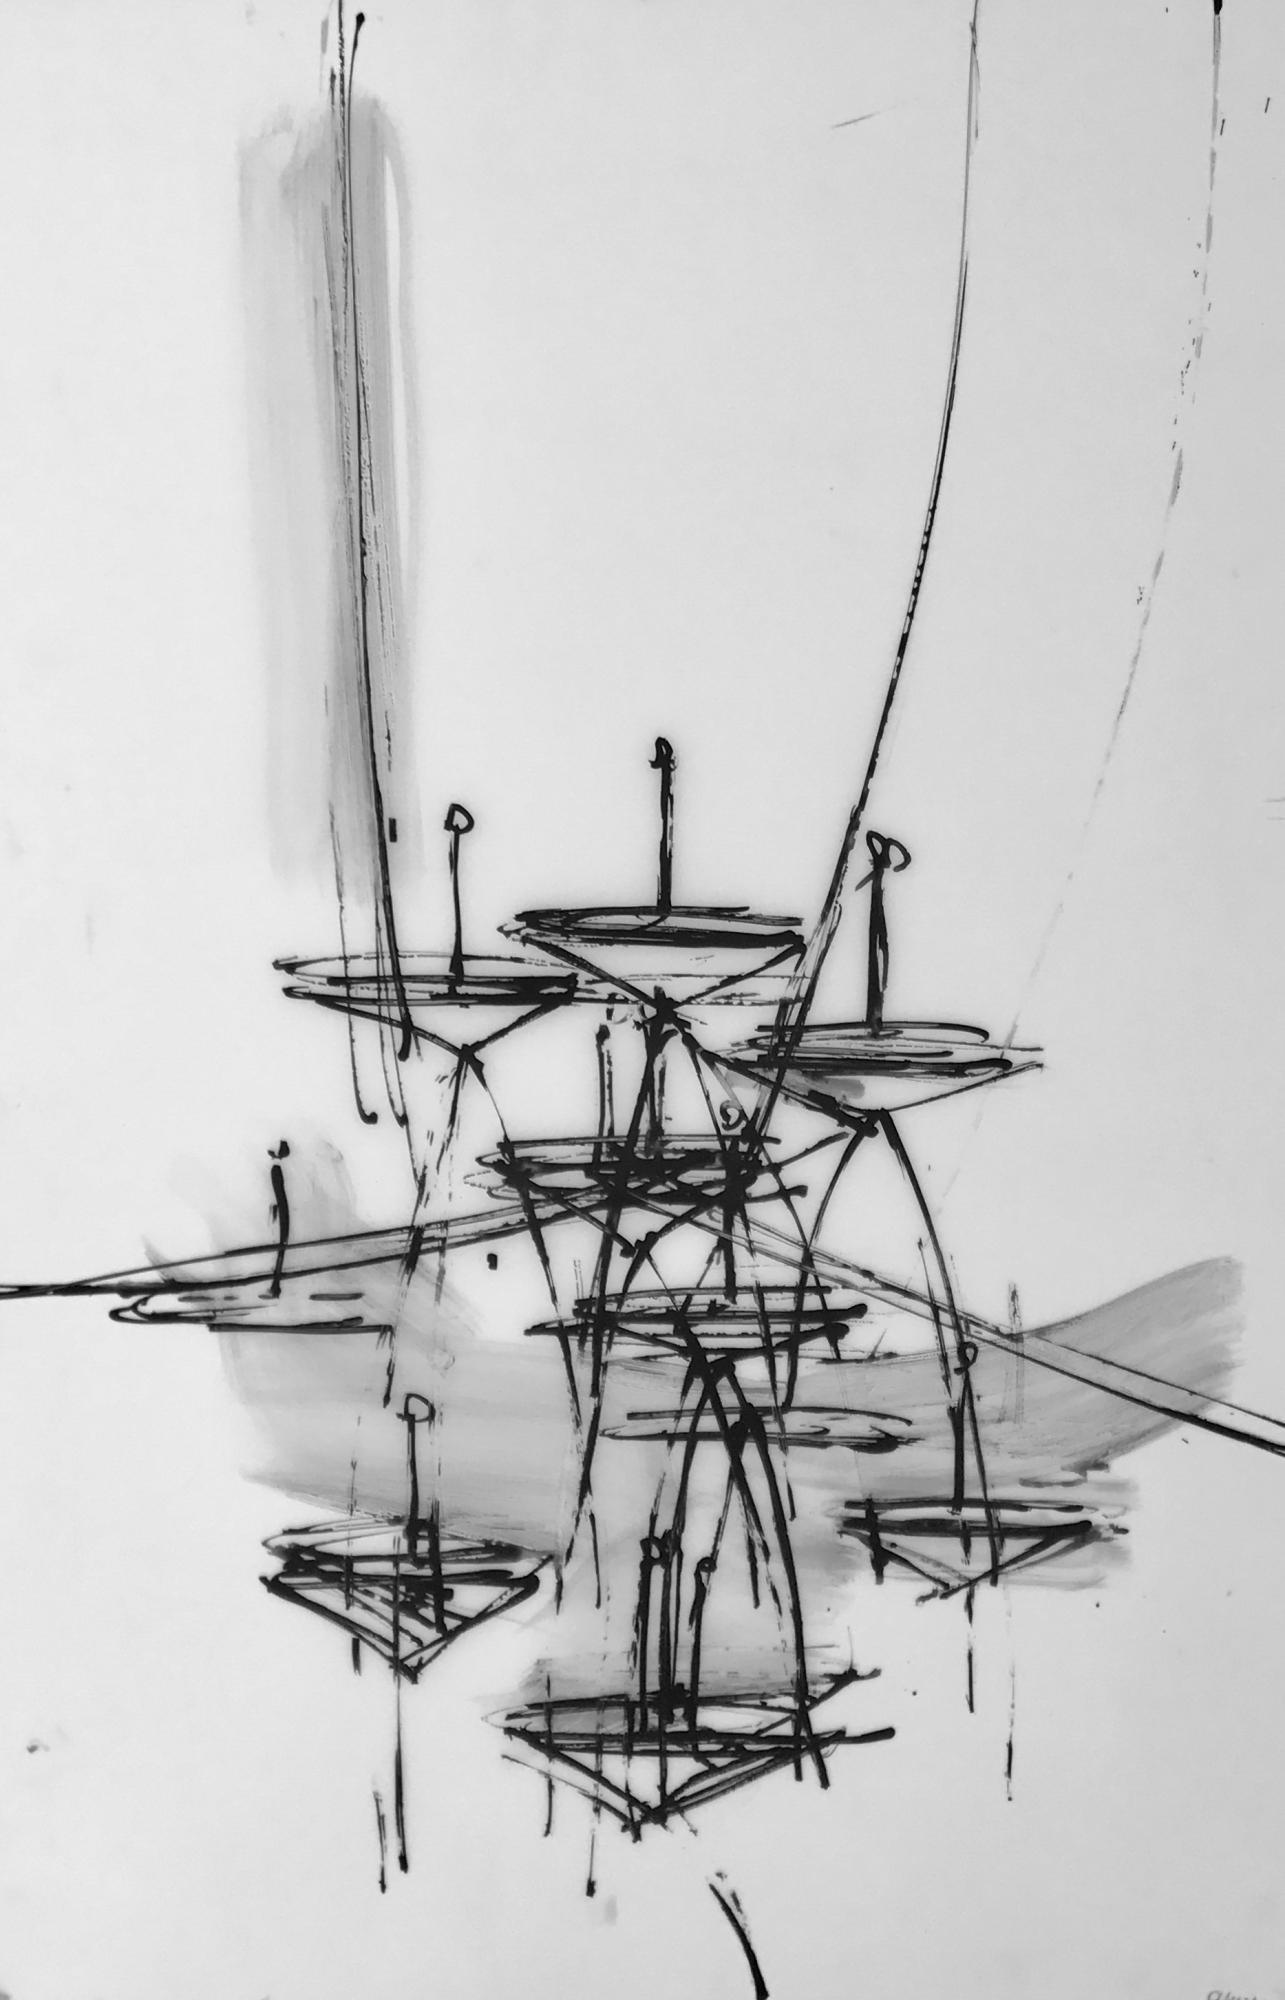 Chandelier 9 2016 by Daniel Schneider